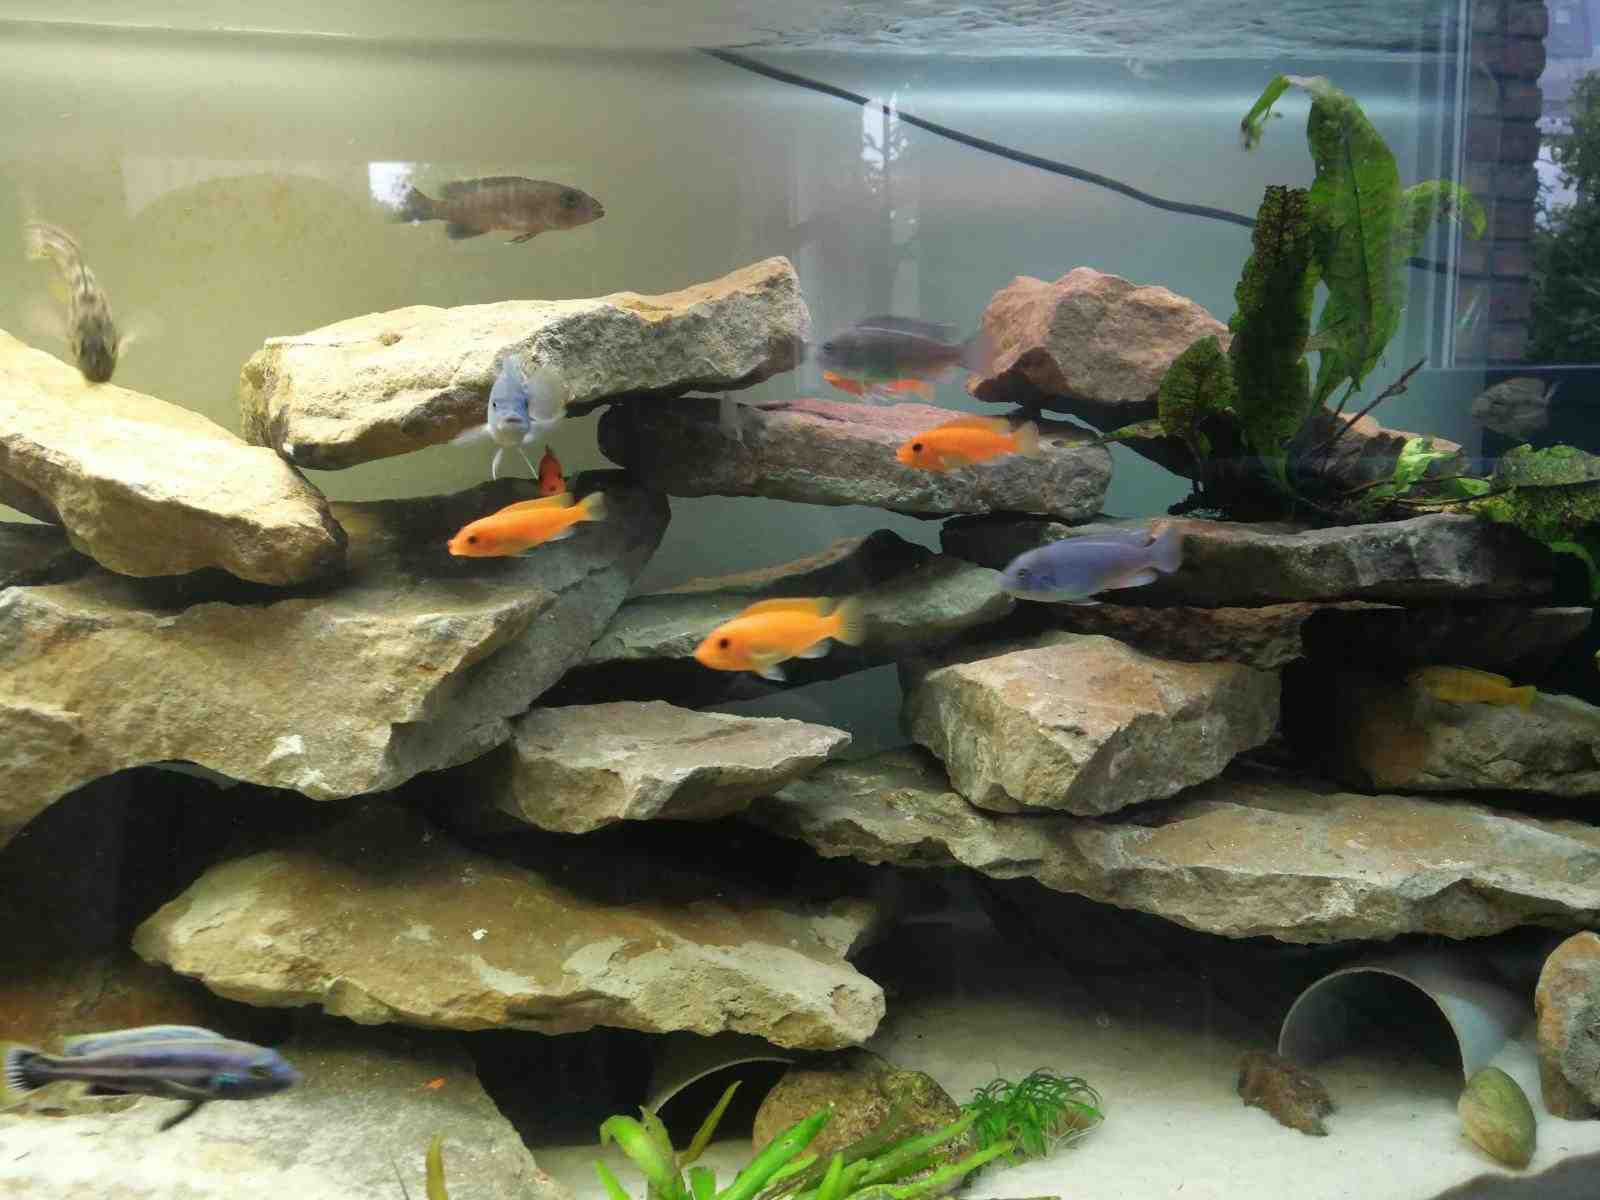 Comment faire de fausses roches pour les aquariums?